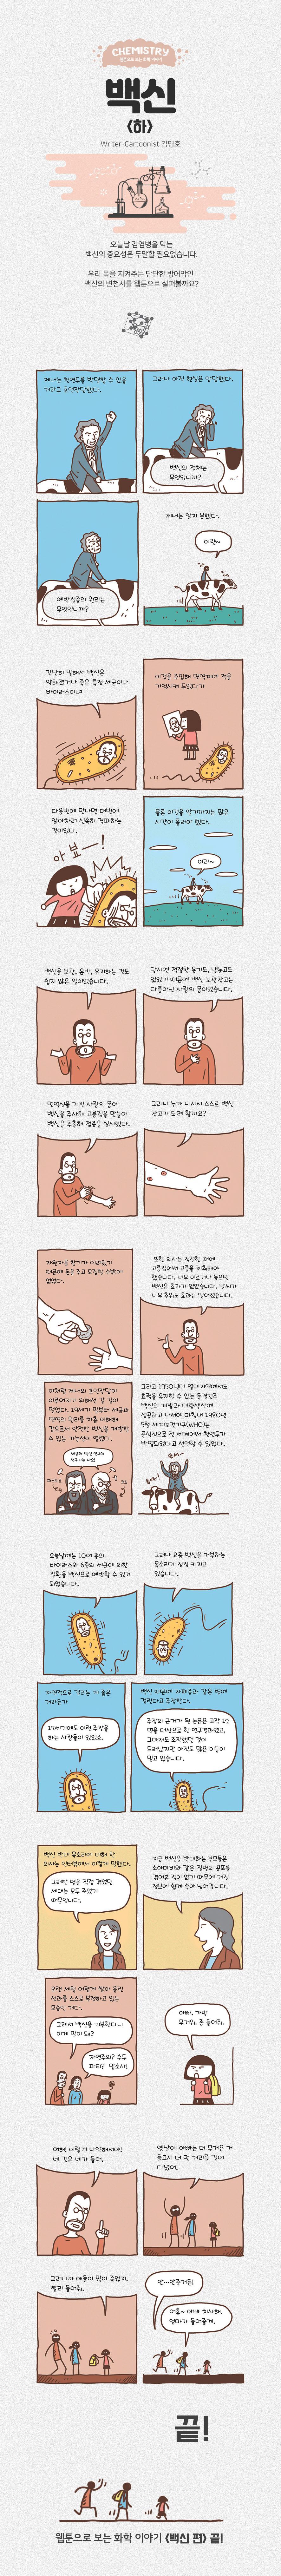 웹툰으로 보는 화학사 백신 하편 본문